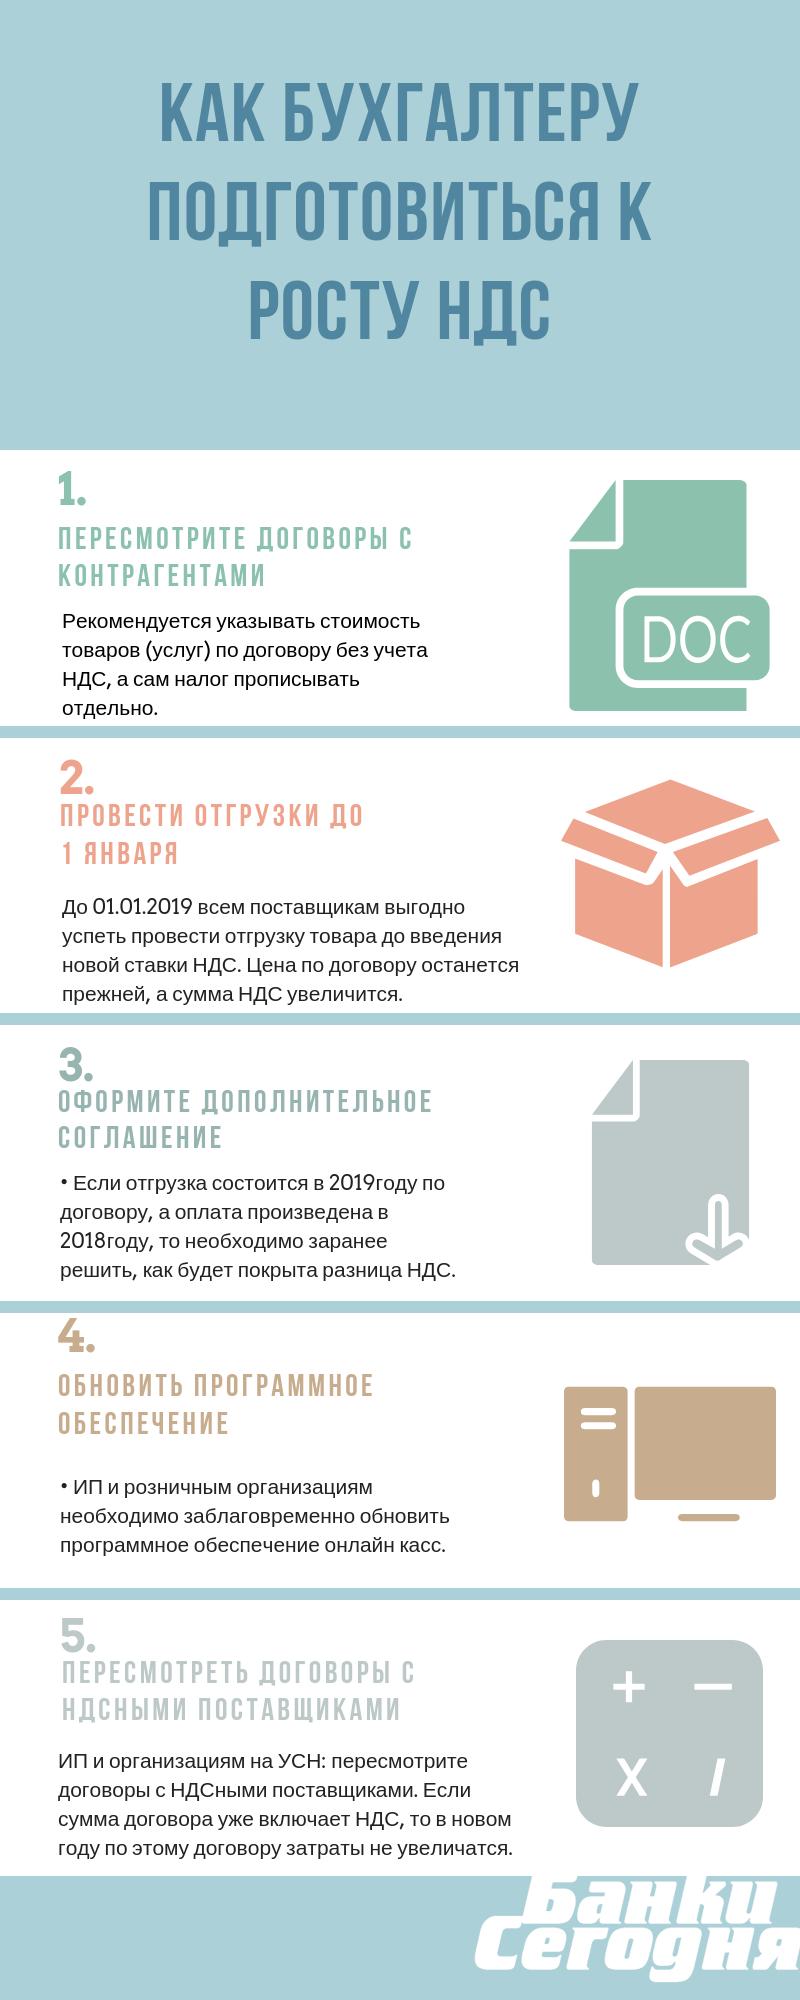 инфографика как бухгалтеру подготовиться к росту НДС